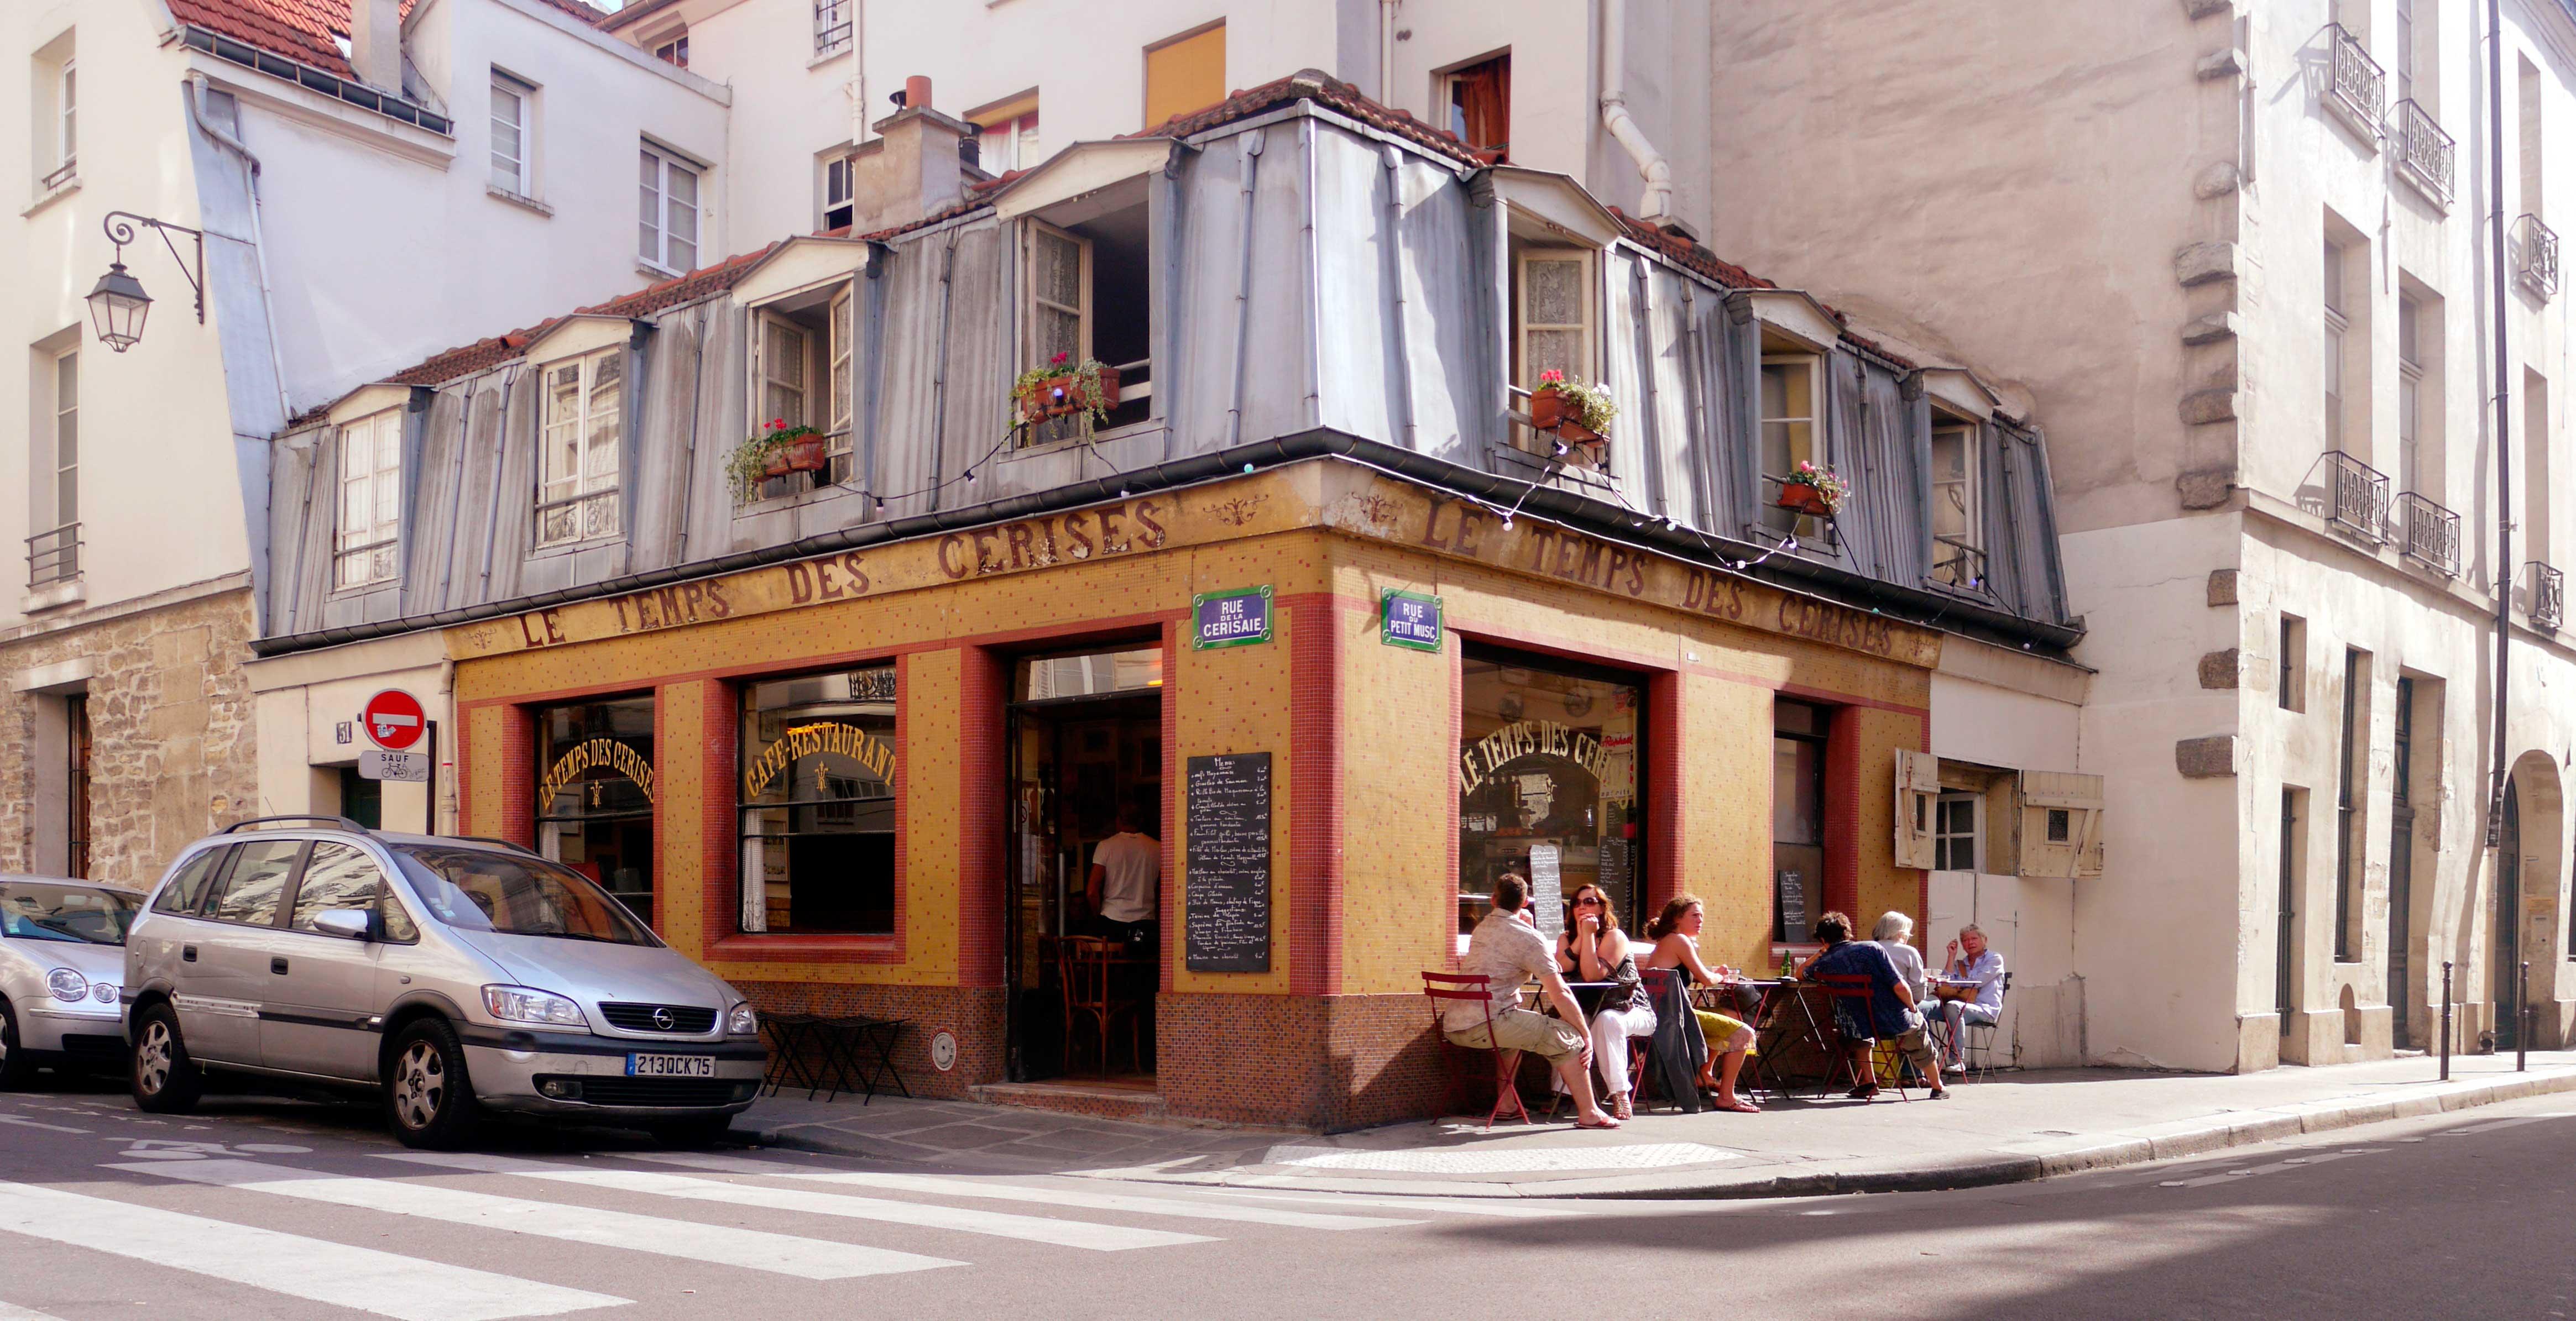 Crédito foto: https://commons.wikimedia.org/wiki/File:Le_temps_des_cerises_-_Paris.jpg